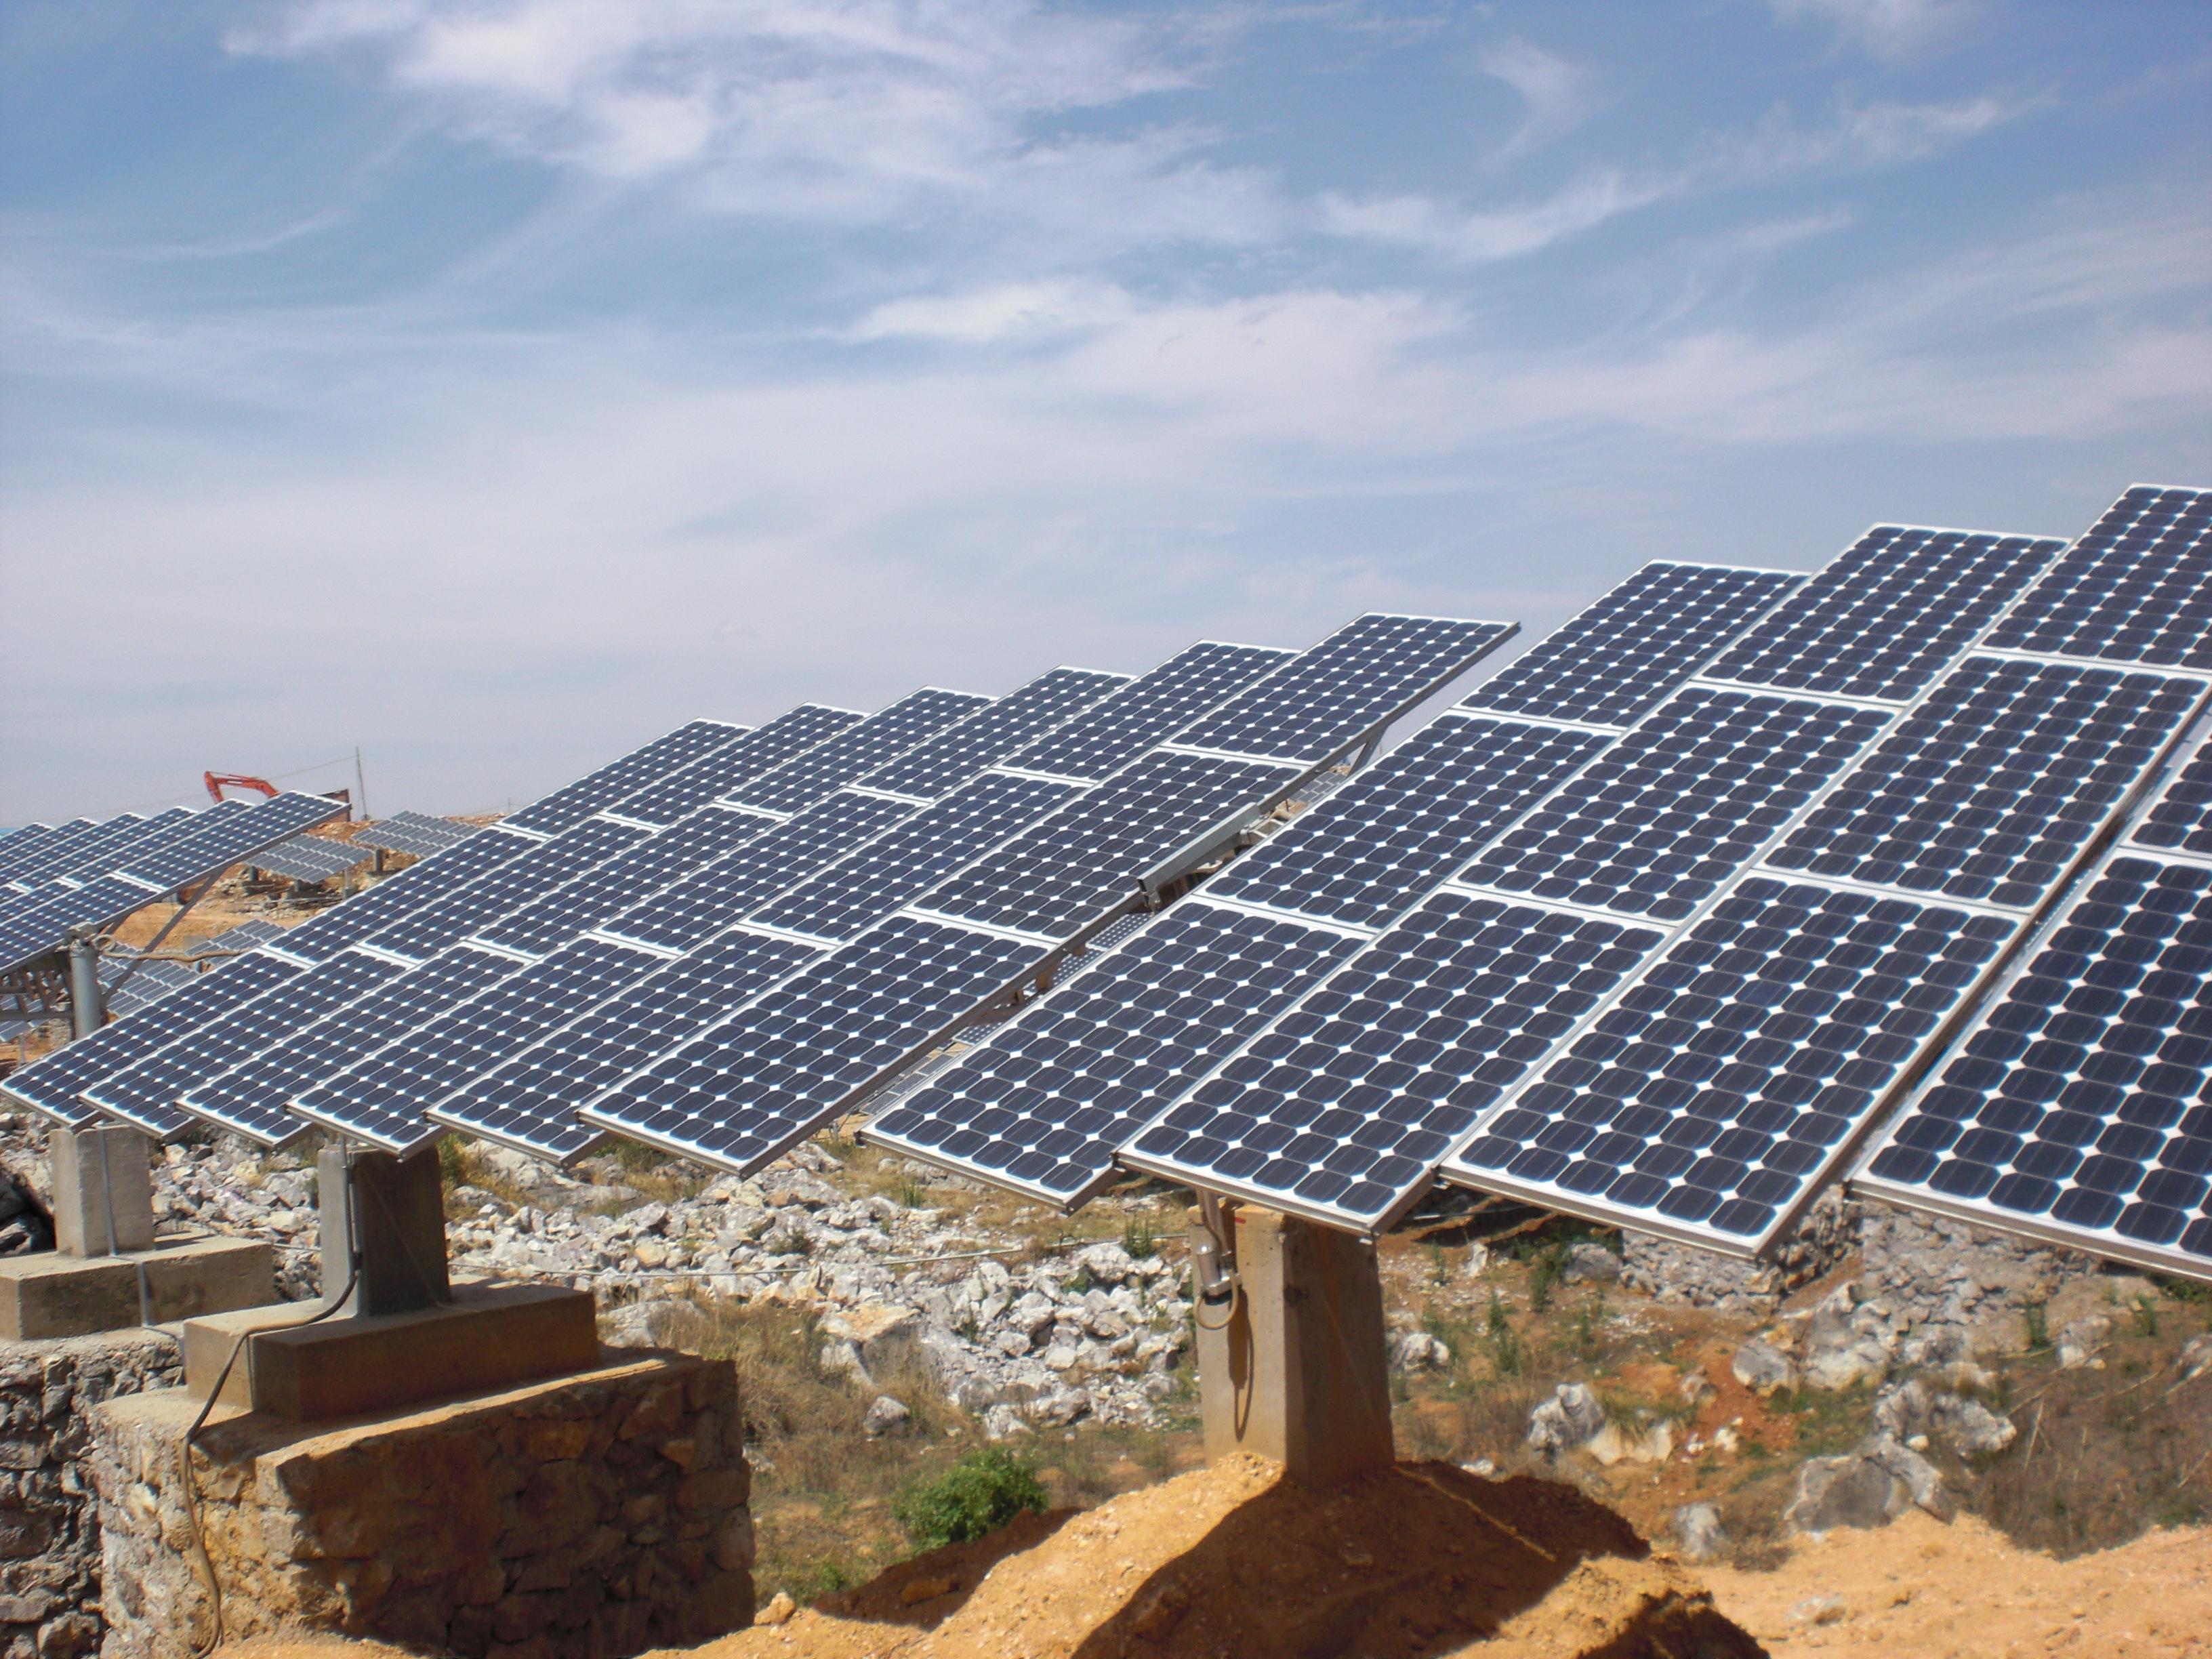 2017թ. հունվար-նոյեմբերին Հայաստանում արտադրվել է 1,140 արևային վահանակ